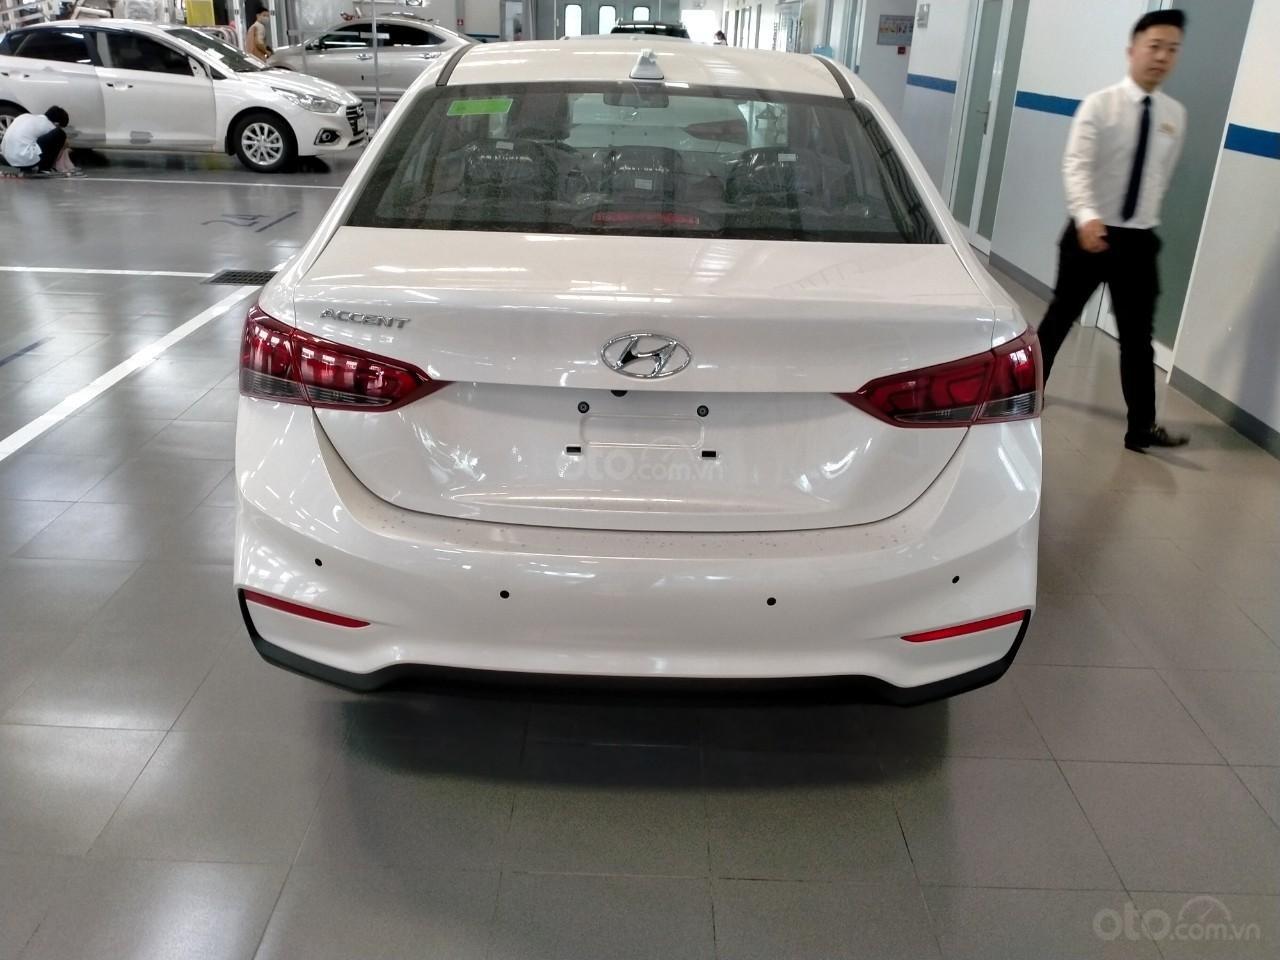 Hyundai Accent giá KM tháng 10 (3)